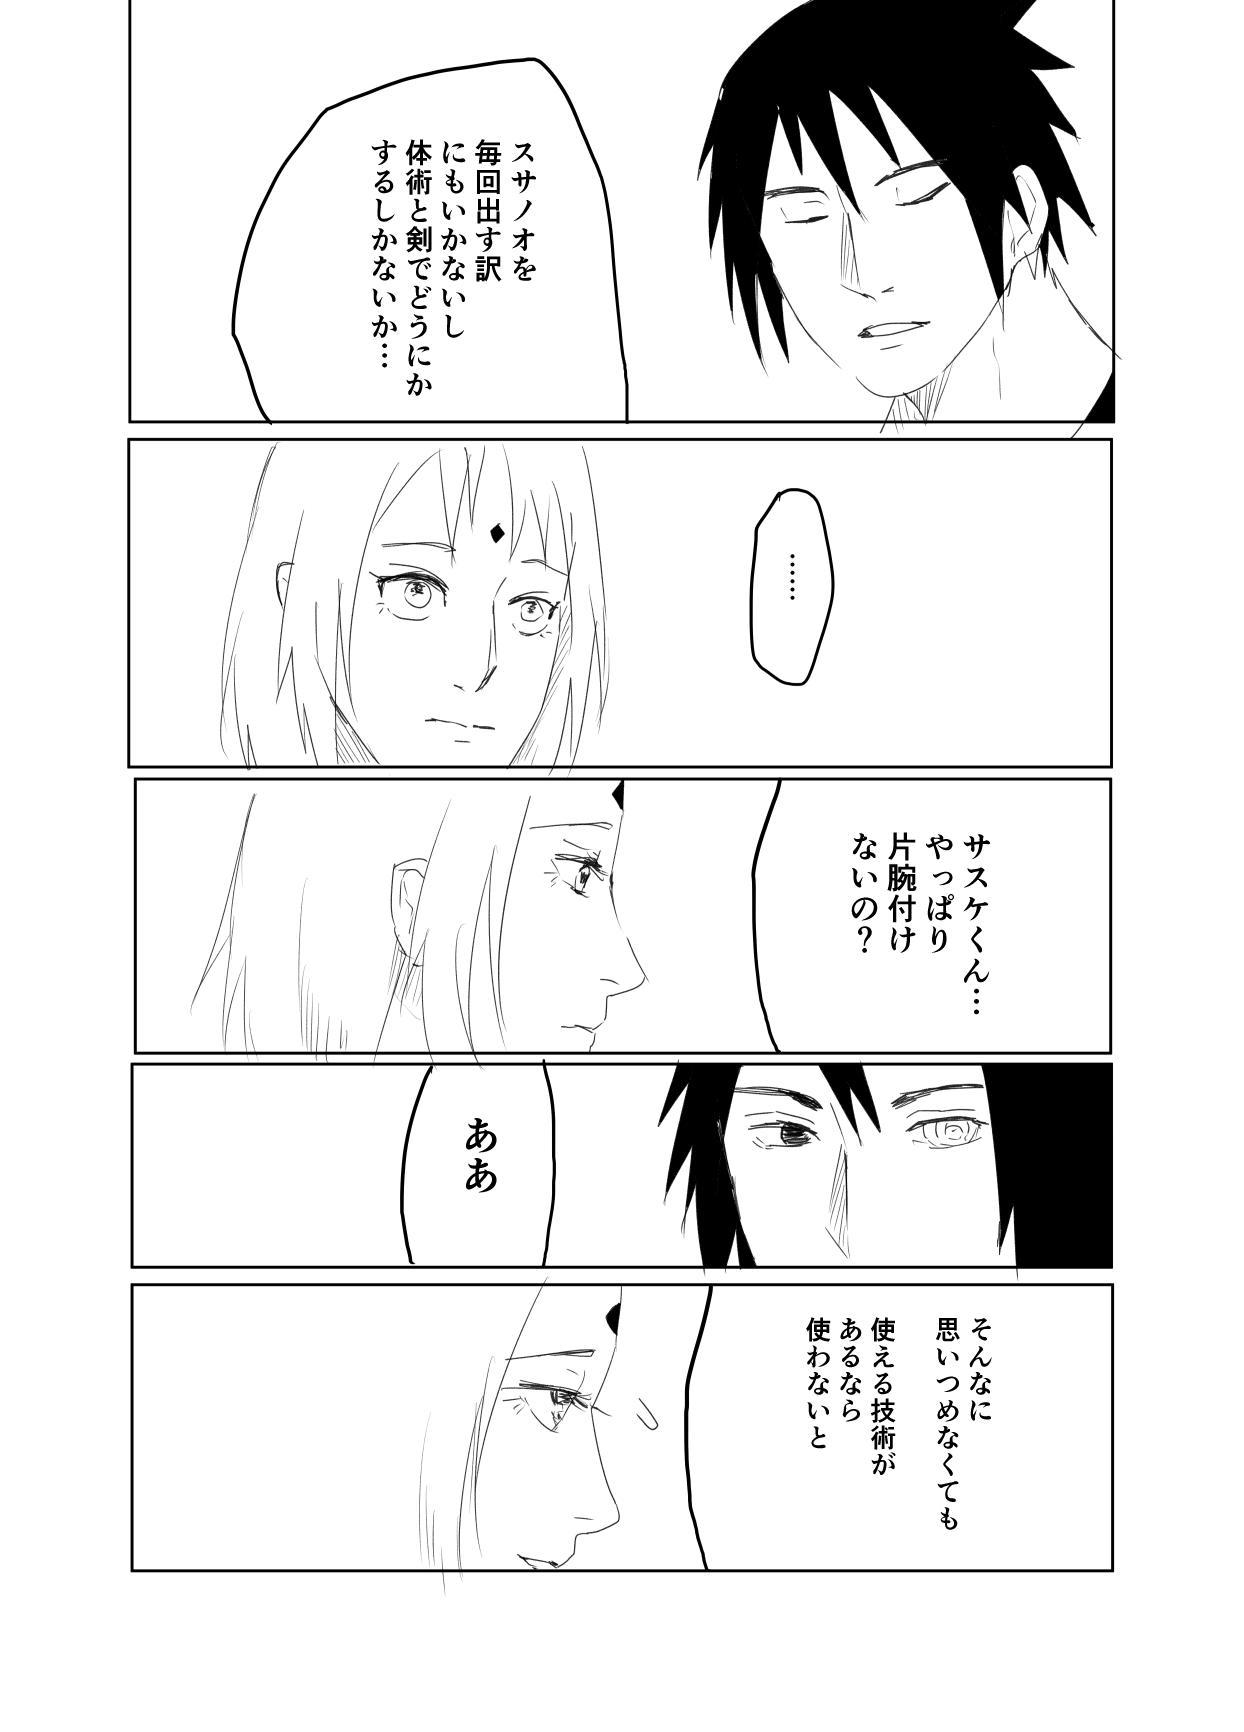 嘘告白漫画 20